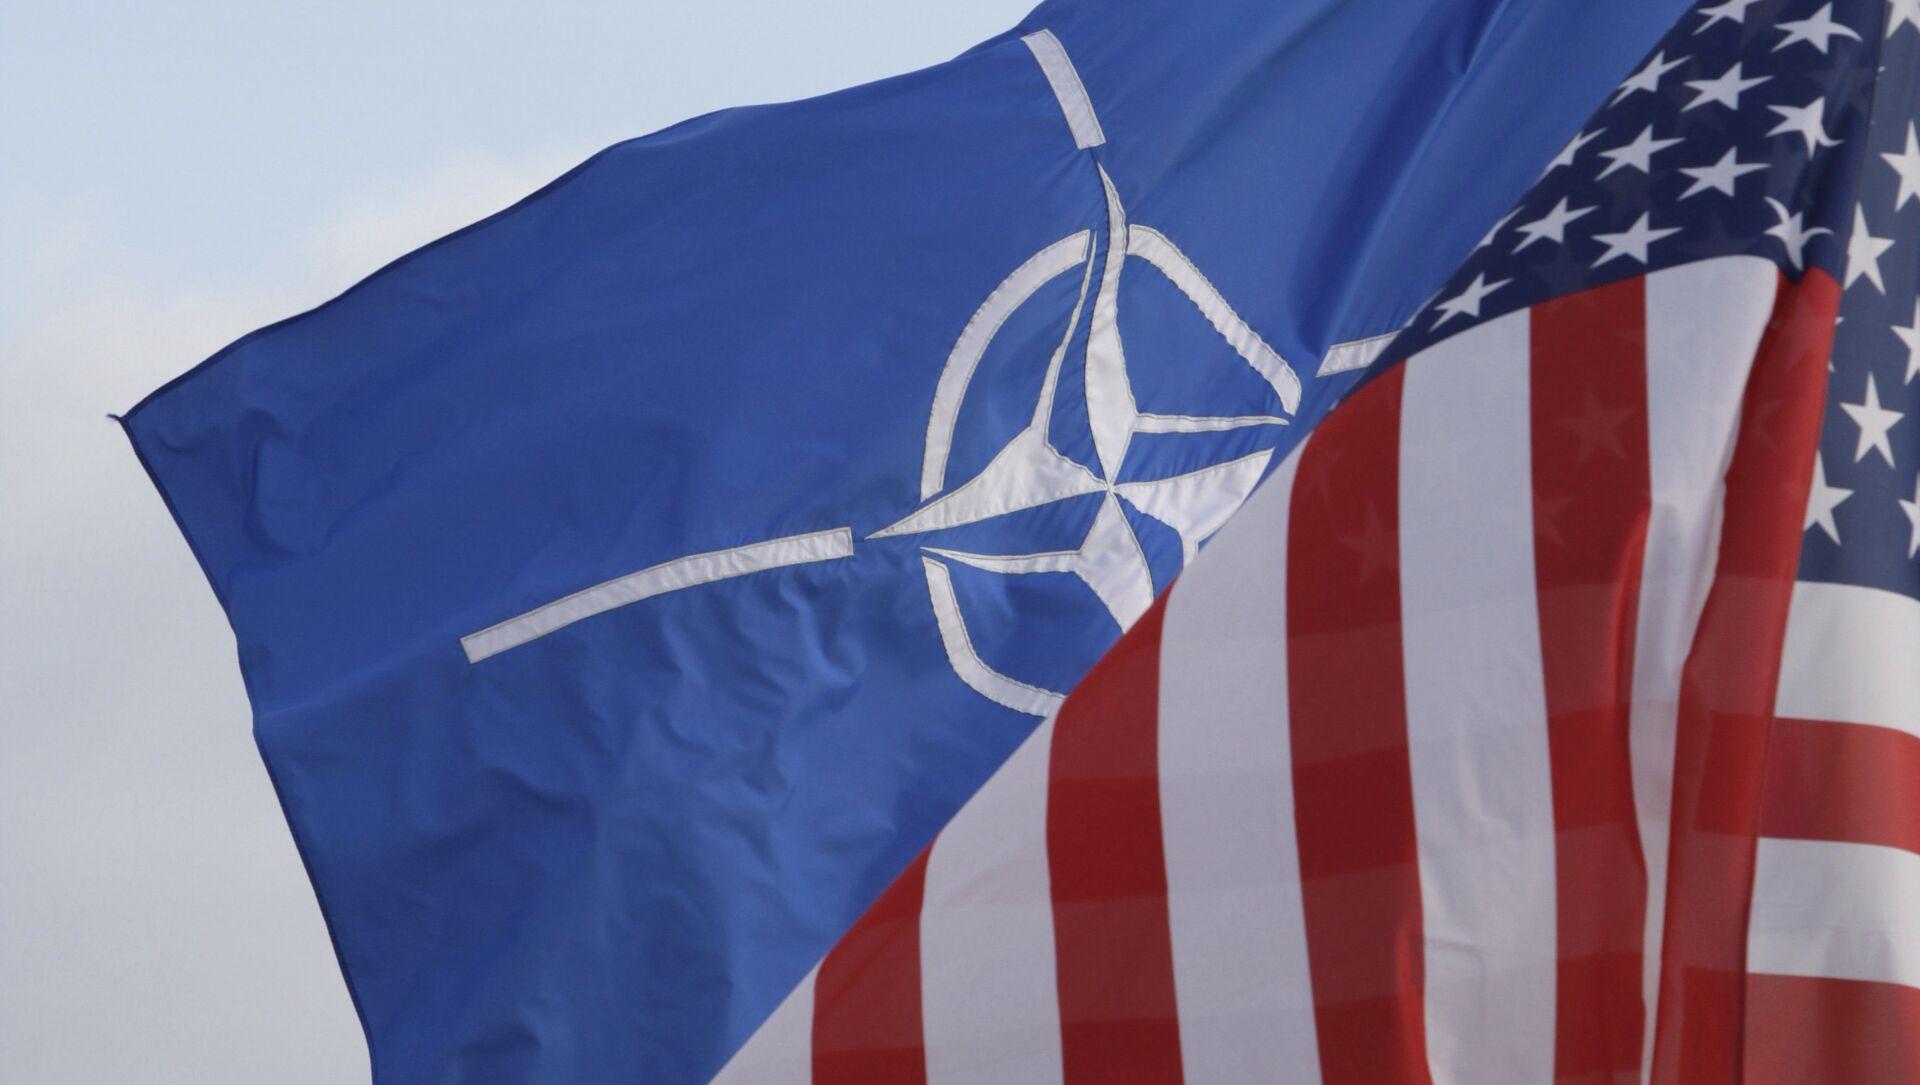 Заставе НАТО-а САД - Sputnik Србија, 1920, 03.02.2021